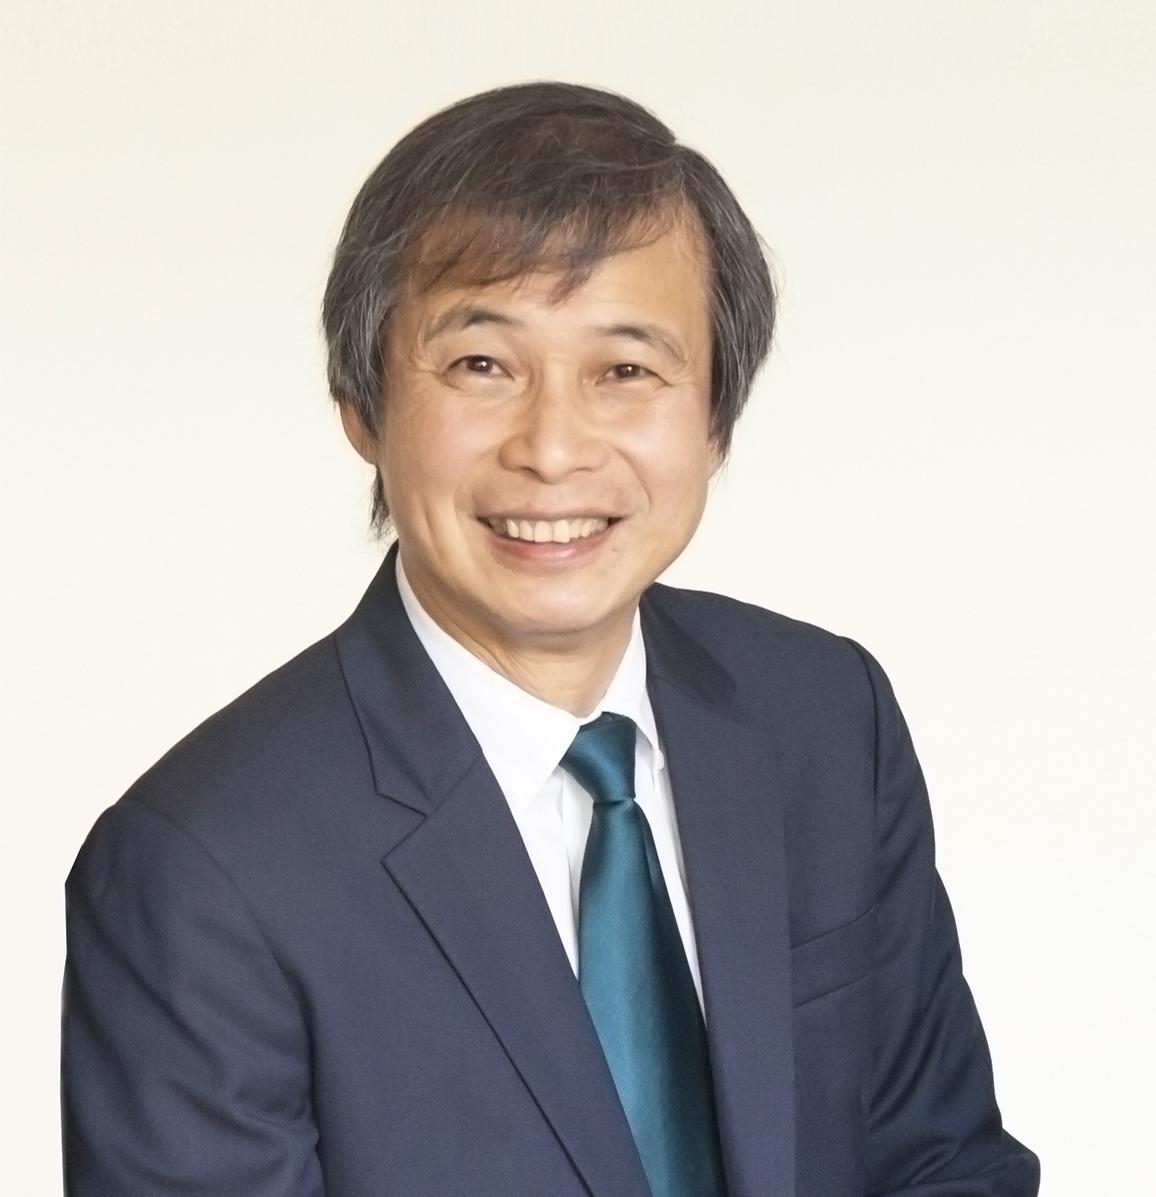 Dr Philip Lyn